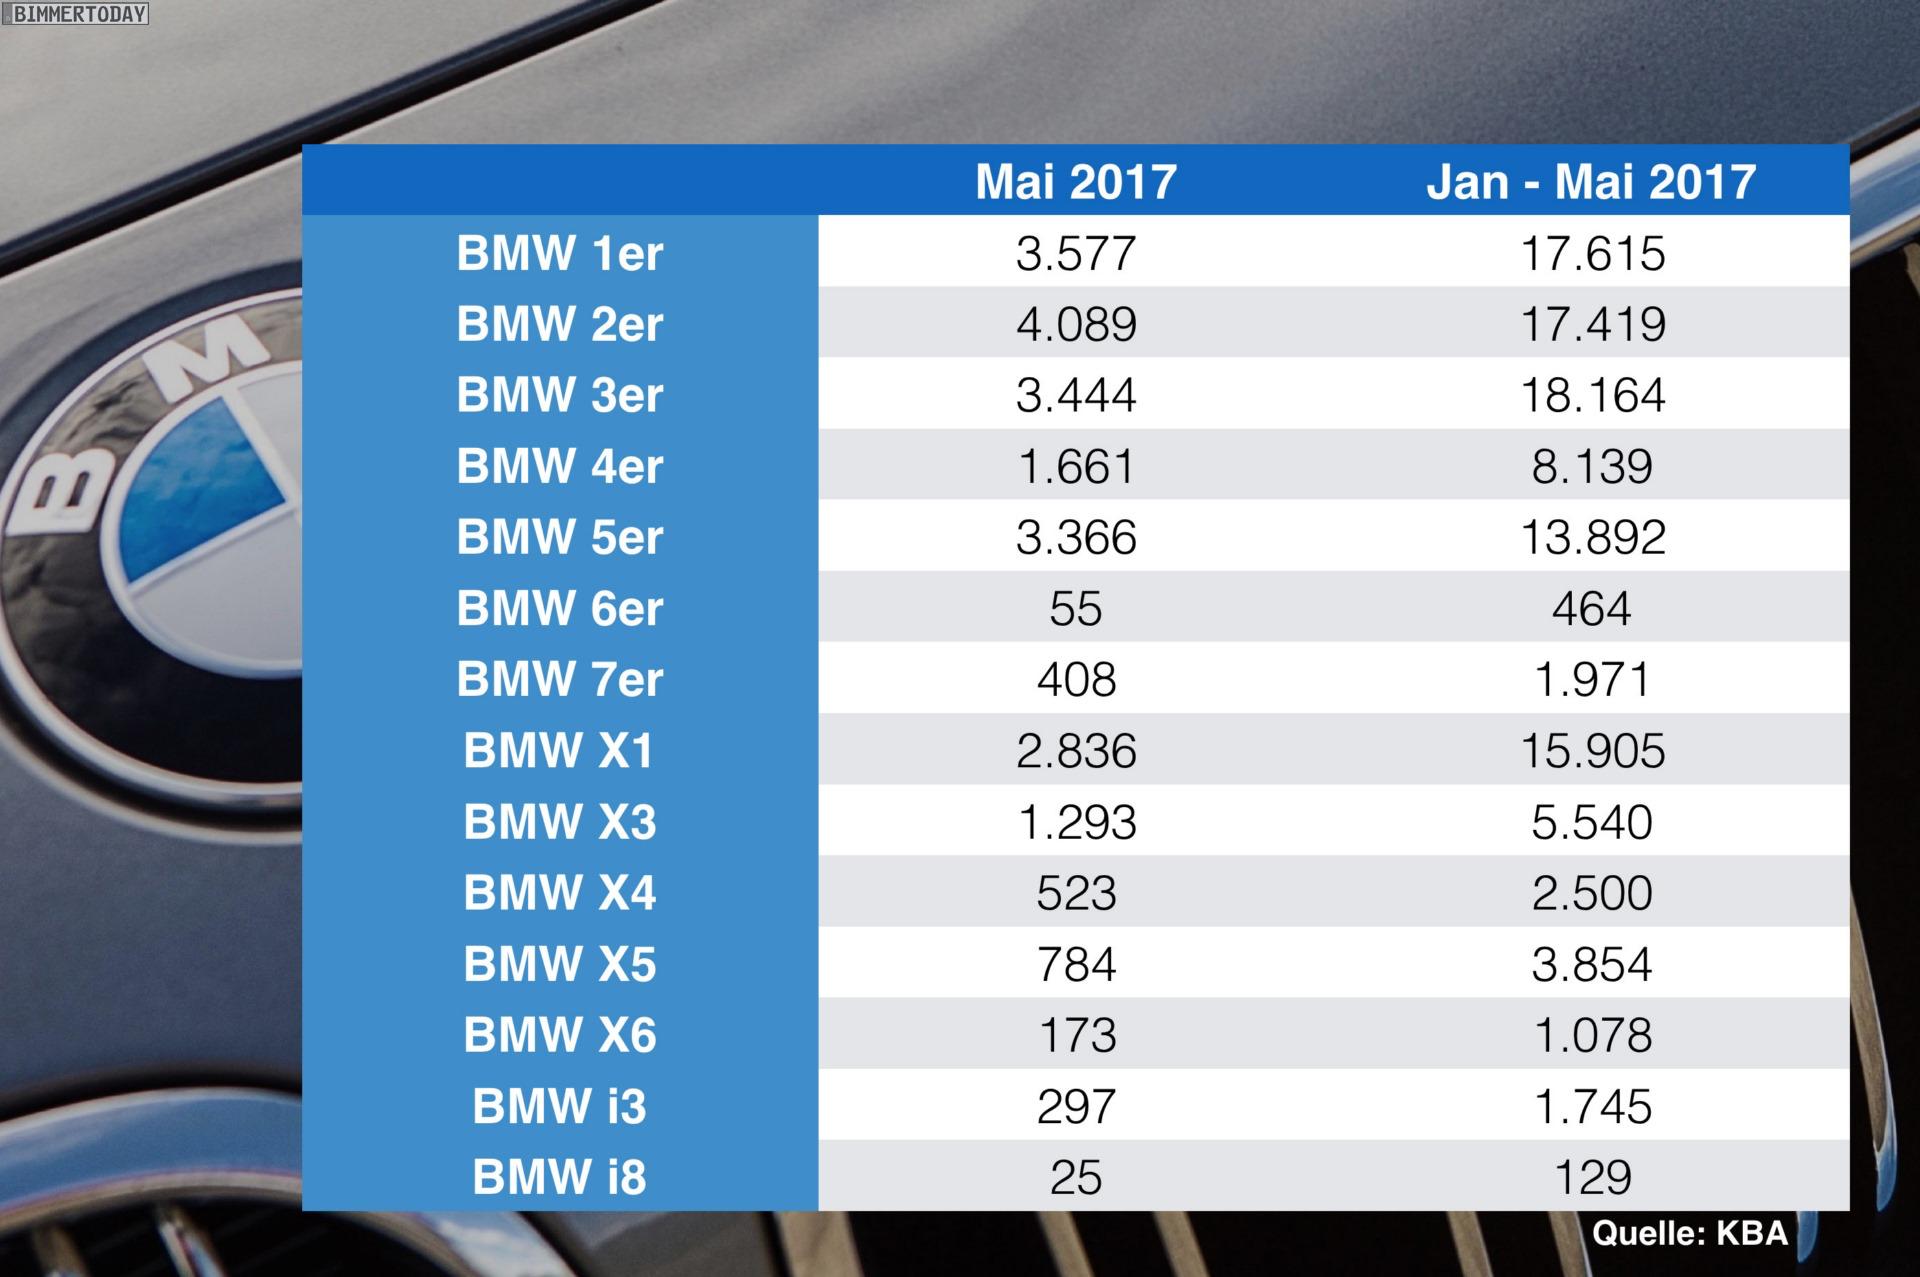 Januar Bis Mai 2017 Bmw Verkaufszahlen In Deutschland